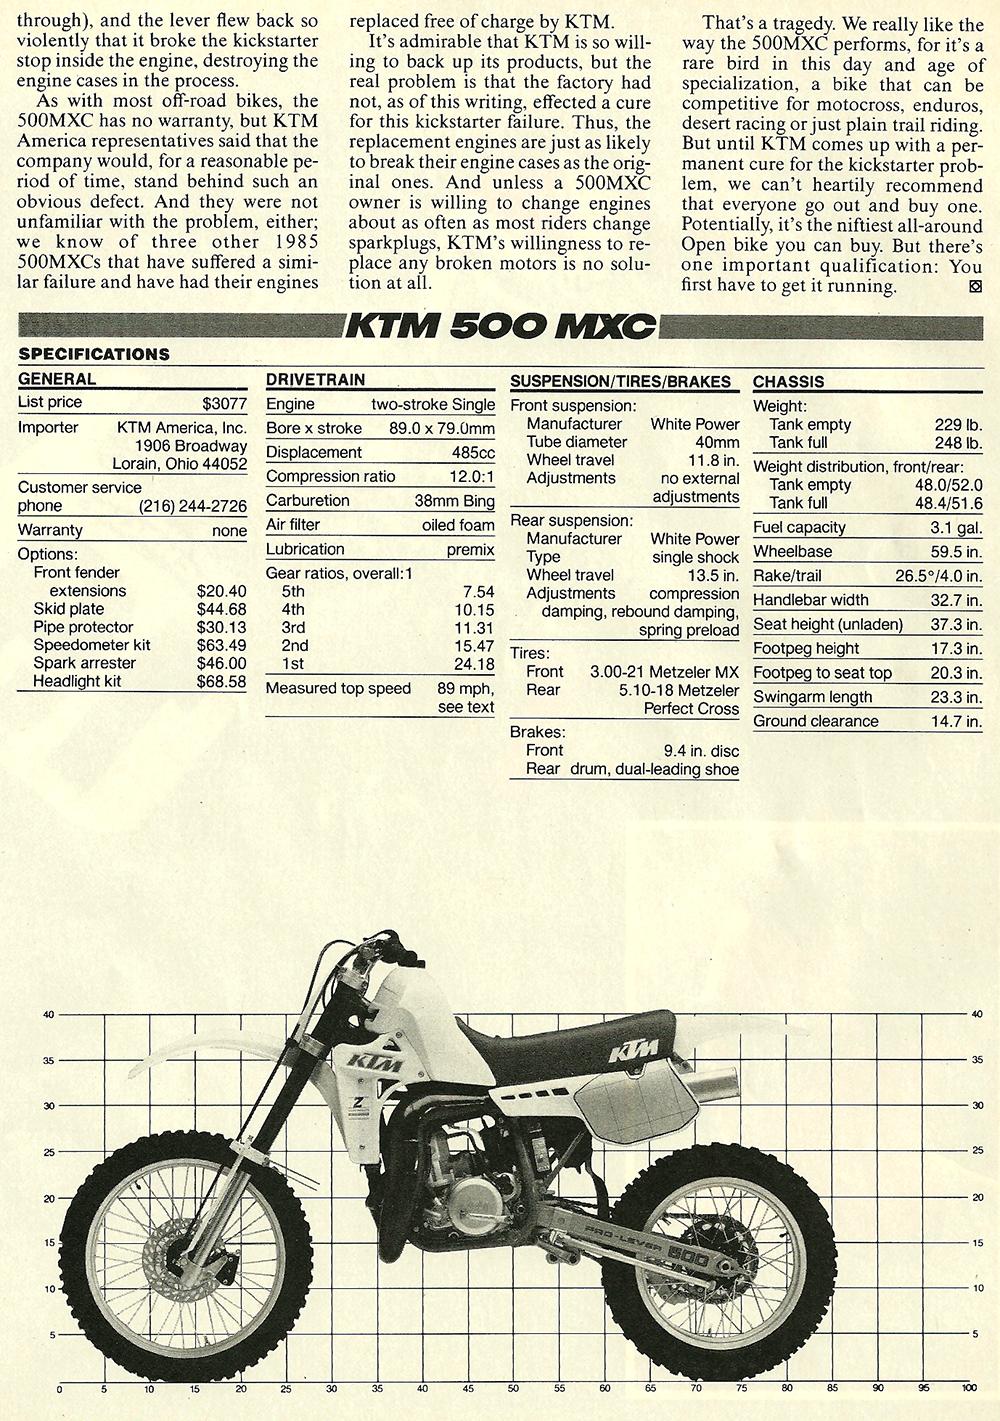 1985 KTM 500 MXC road test 06.jpg